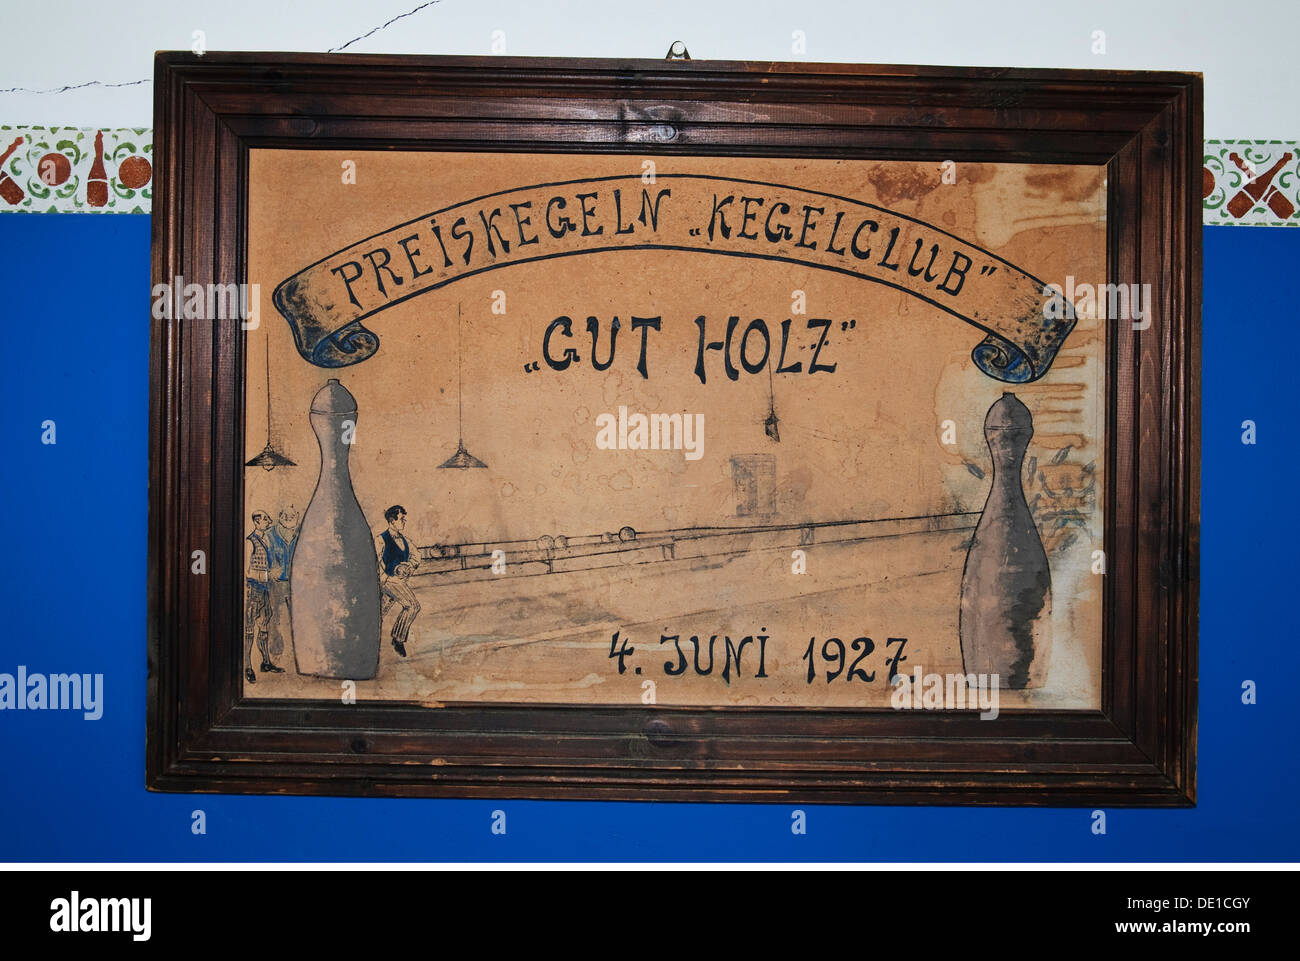 Sport Schüssel Kolmanskuppe Kolmanskop Kegeln Liga '' Gut Holz'' Lüderitz Namibia Preis Stockbild